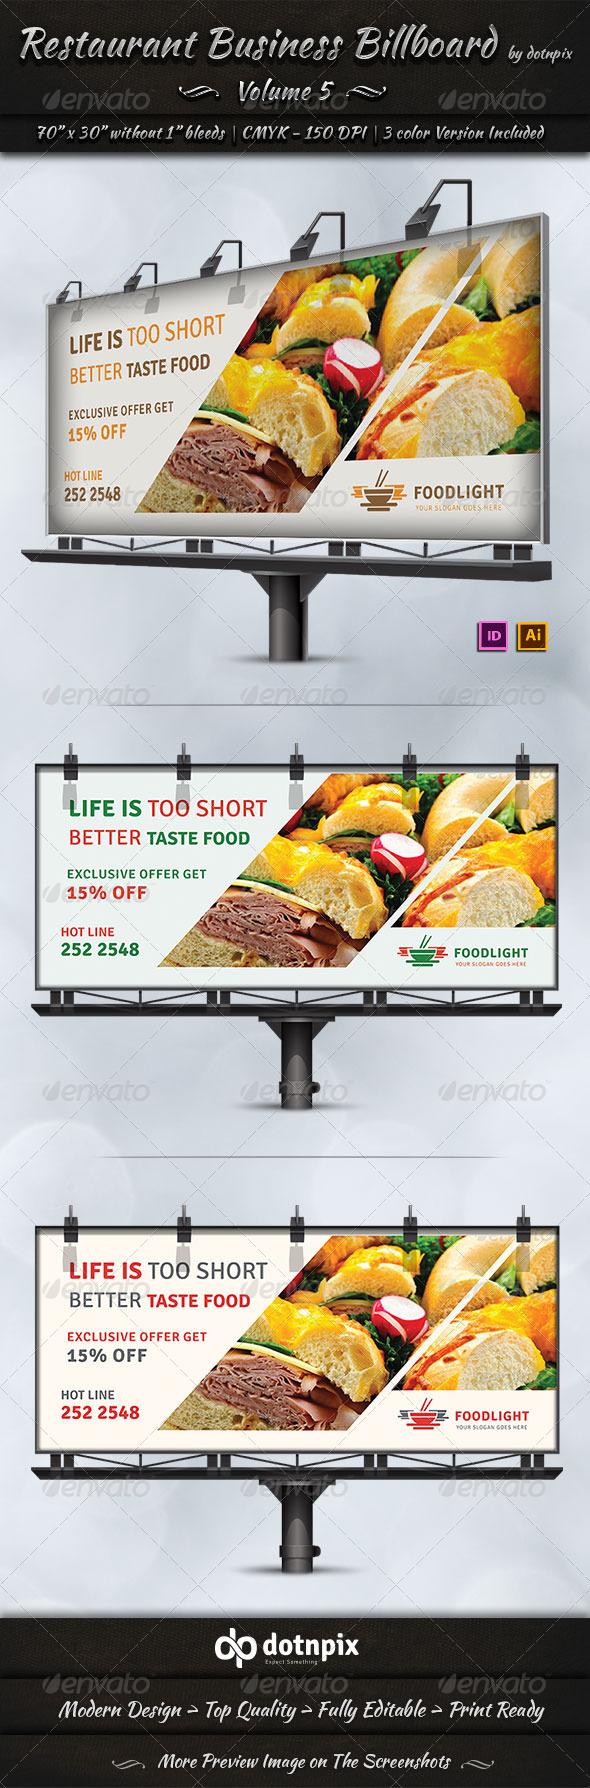 Restaurant Business Billboard Volume 5